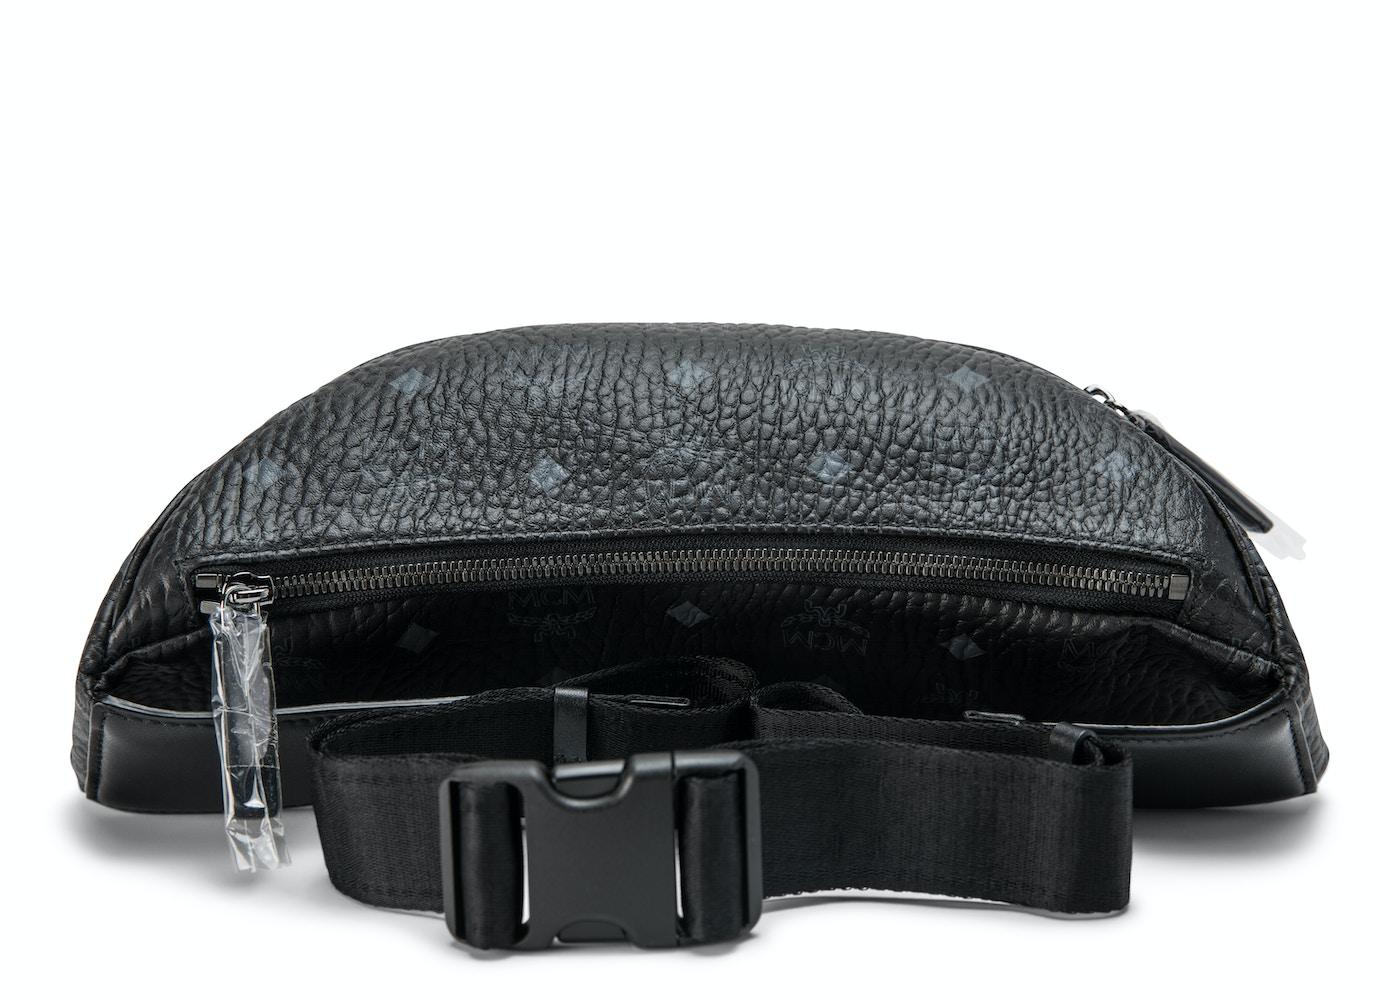 64415d61b06 MCM Stark Belt Bag Visetos Medium Black